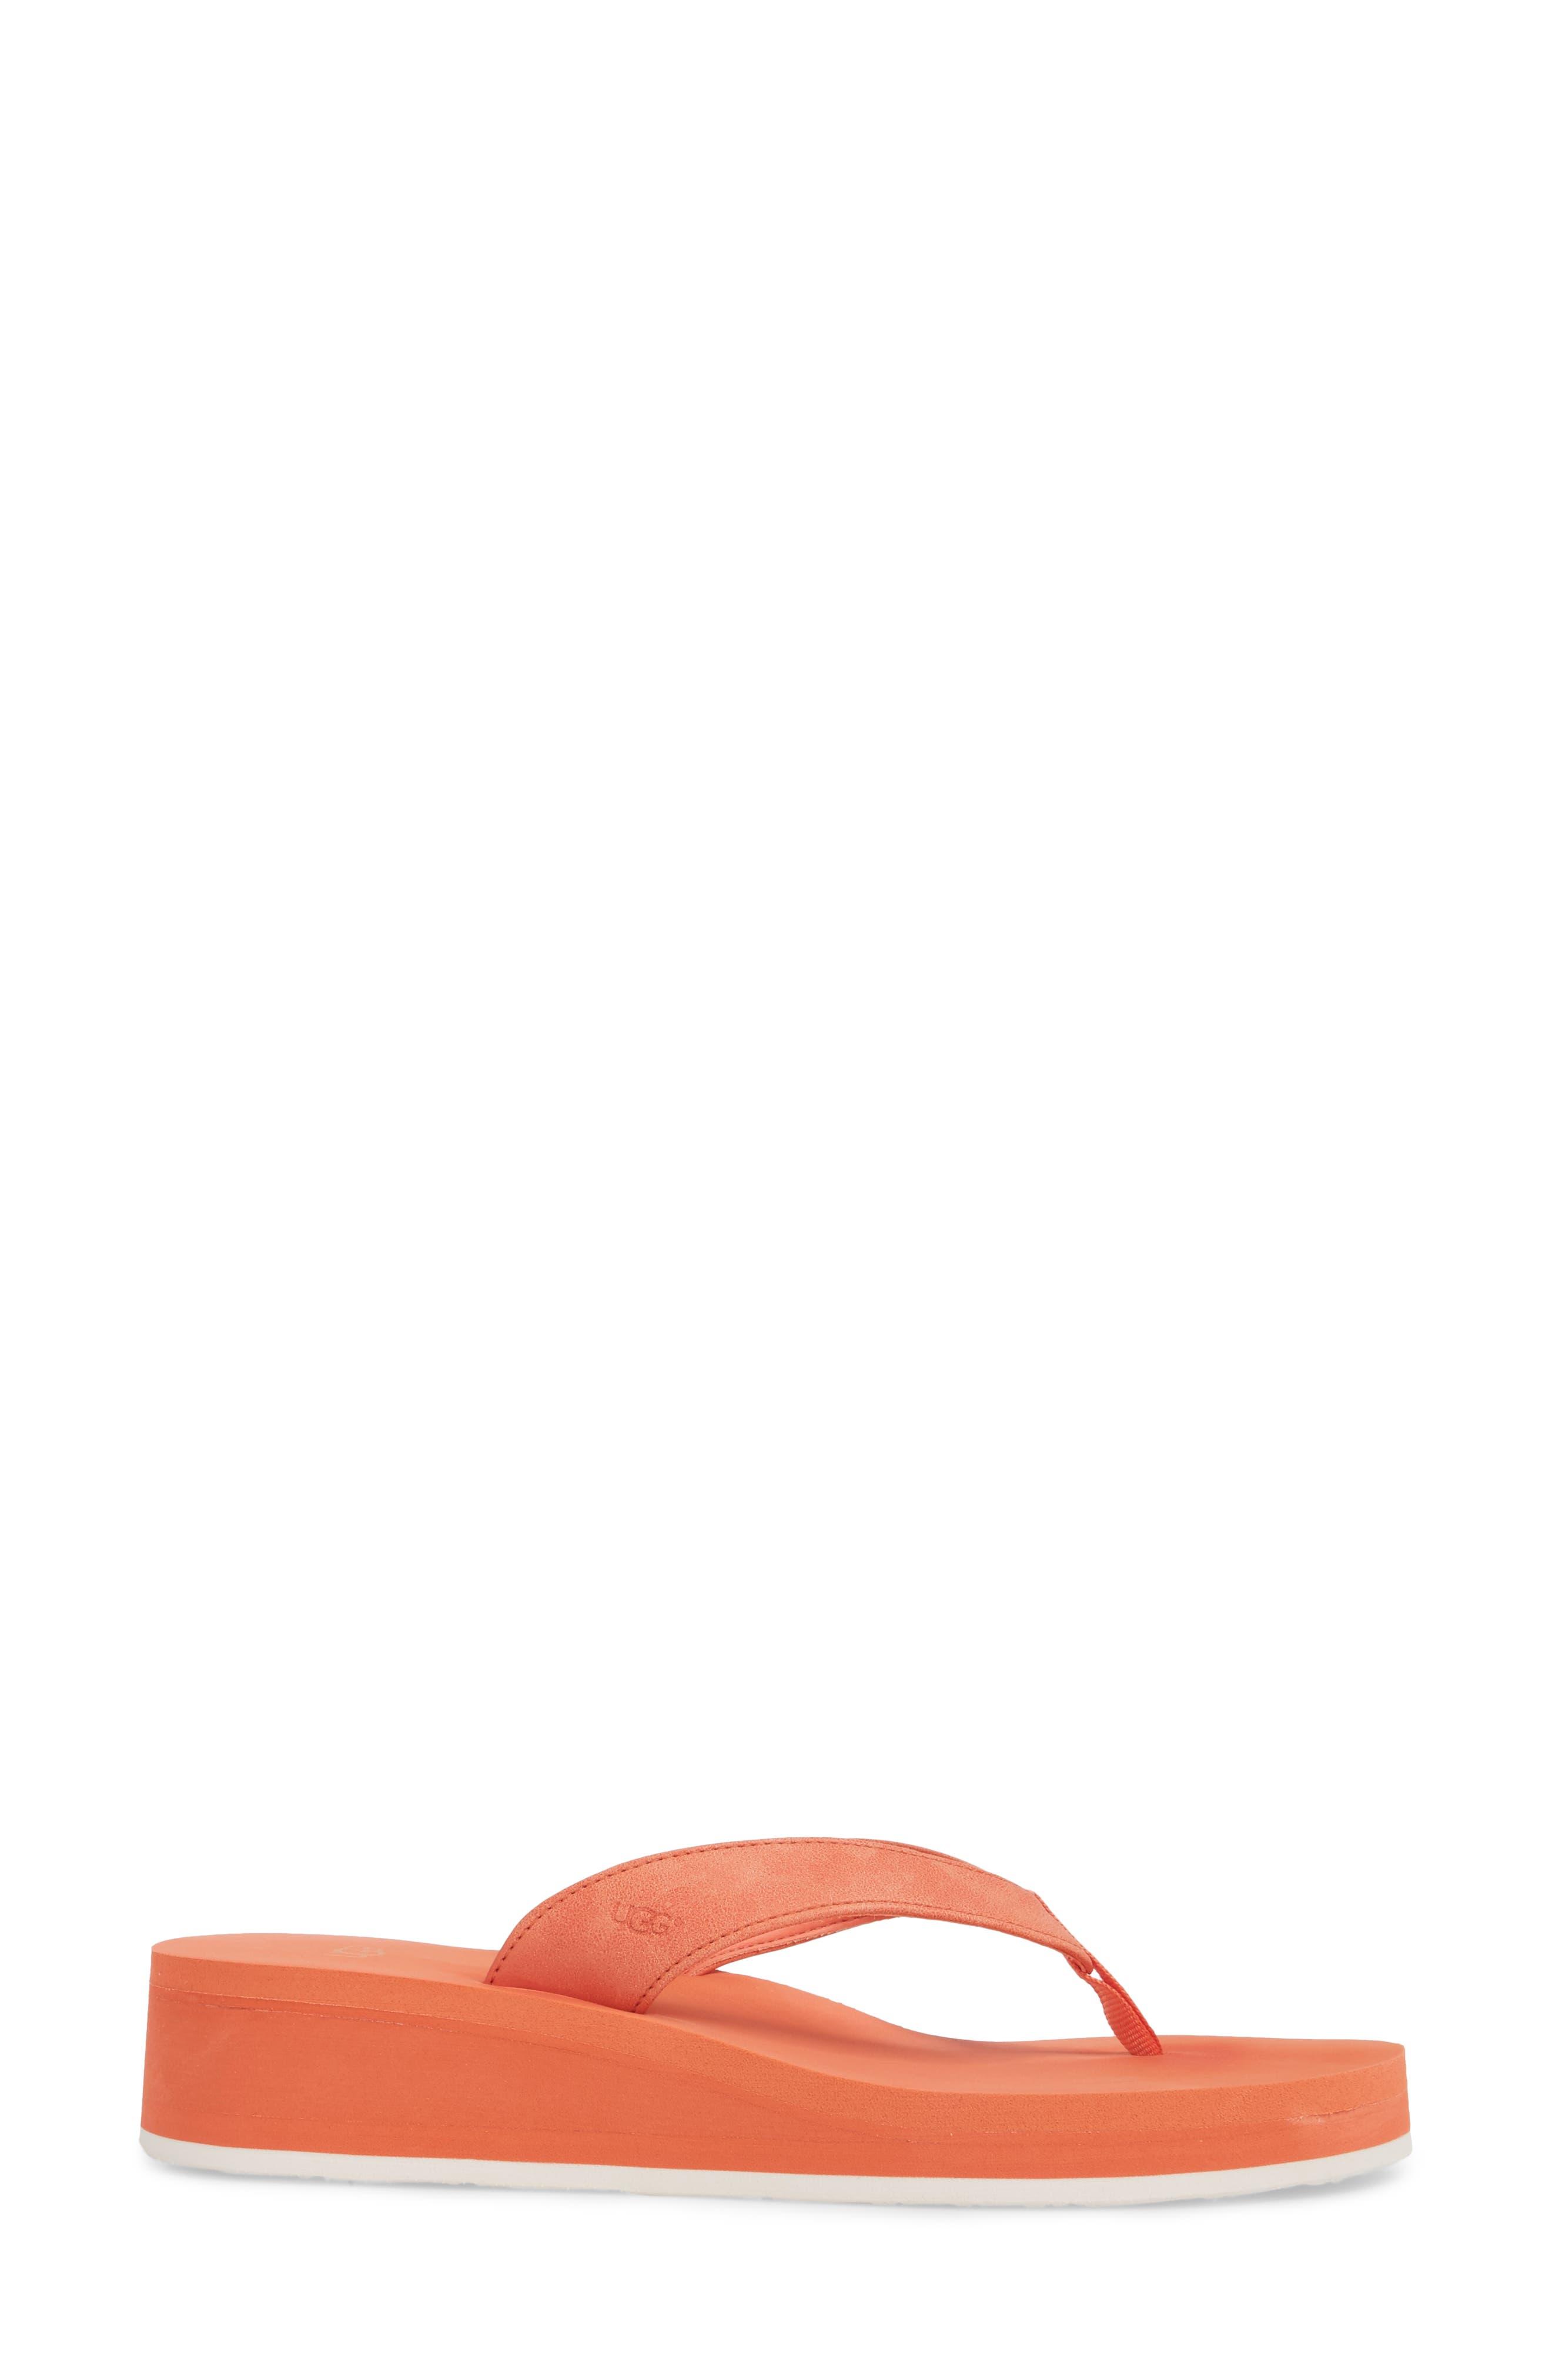 Dani Wedge Flip Flop,                             Alternate thumbnail 3, color,                             Fusion Coral